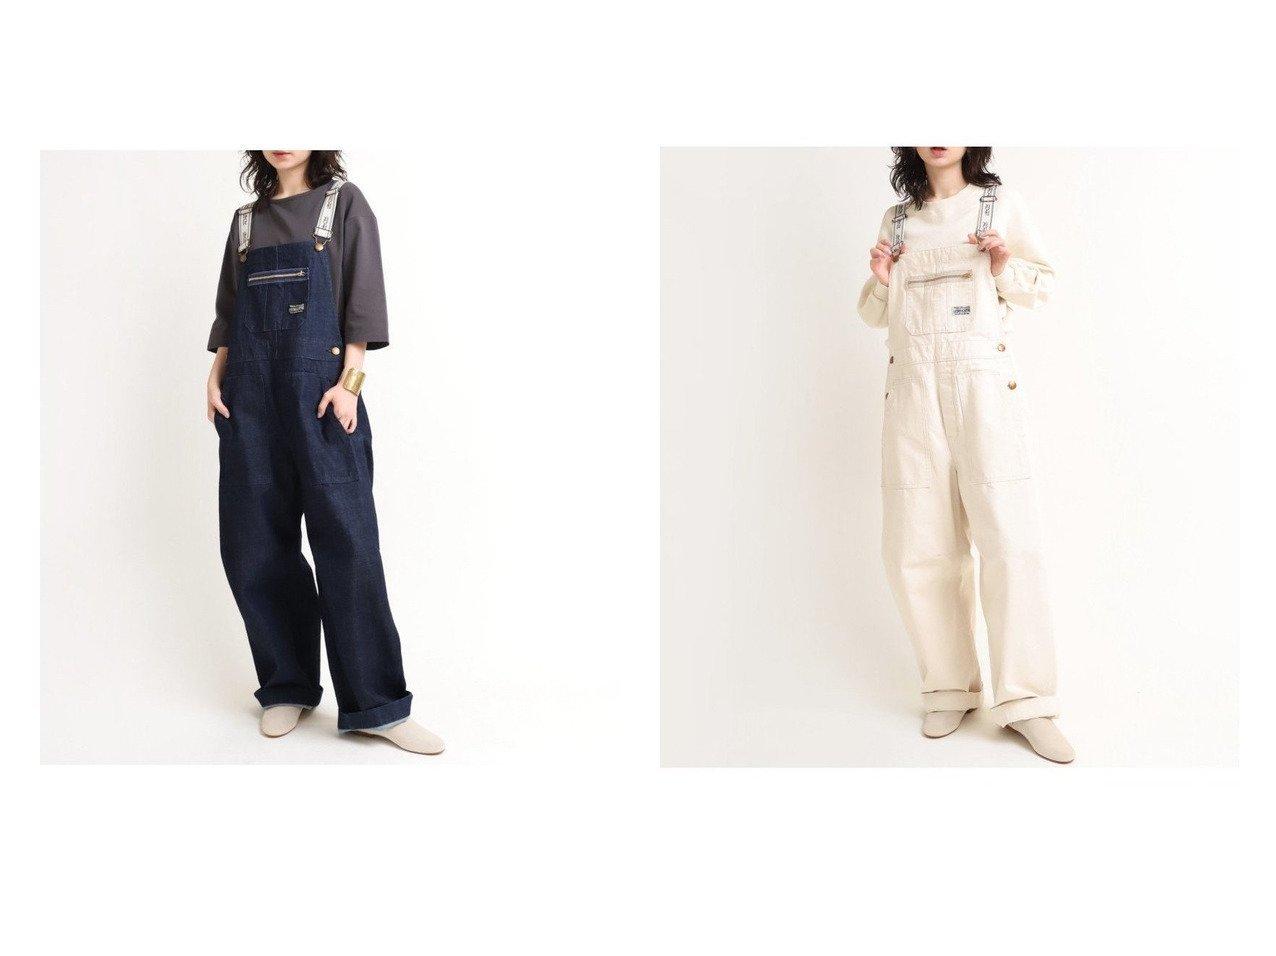 【RNA-N/アールエヌエーエヌ】のO0630 アメリカンワークオーバーオール おすすめ!人気トレンド・レディースファッション通販 おすすめで人気の流行・トレンド、ファッションの通販商品 インテリア・家具・メンズファッション・キッズファッション・レディースファッション・服の通販 founy(ファニー) https://founy.com/ ファッション Fashion レディースファッション WOMEN おすすめ Recommend アメリカン サロペット ジーンズ デニム ベーシック ワイド ワーク |ID:crp329100000046301